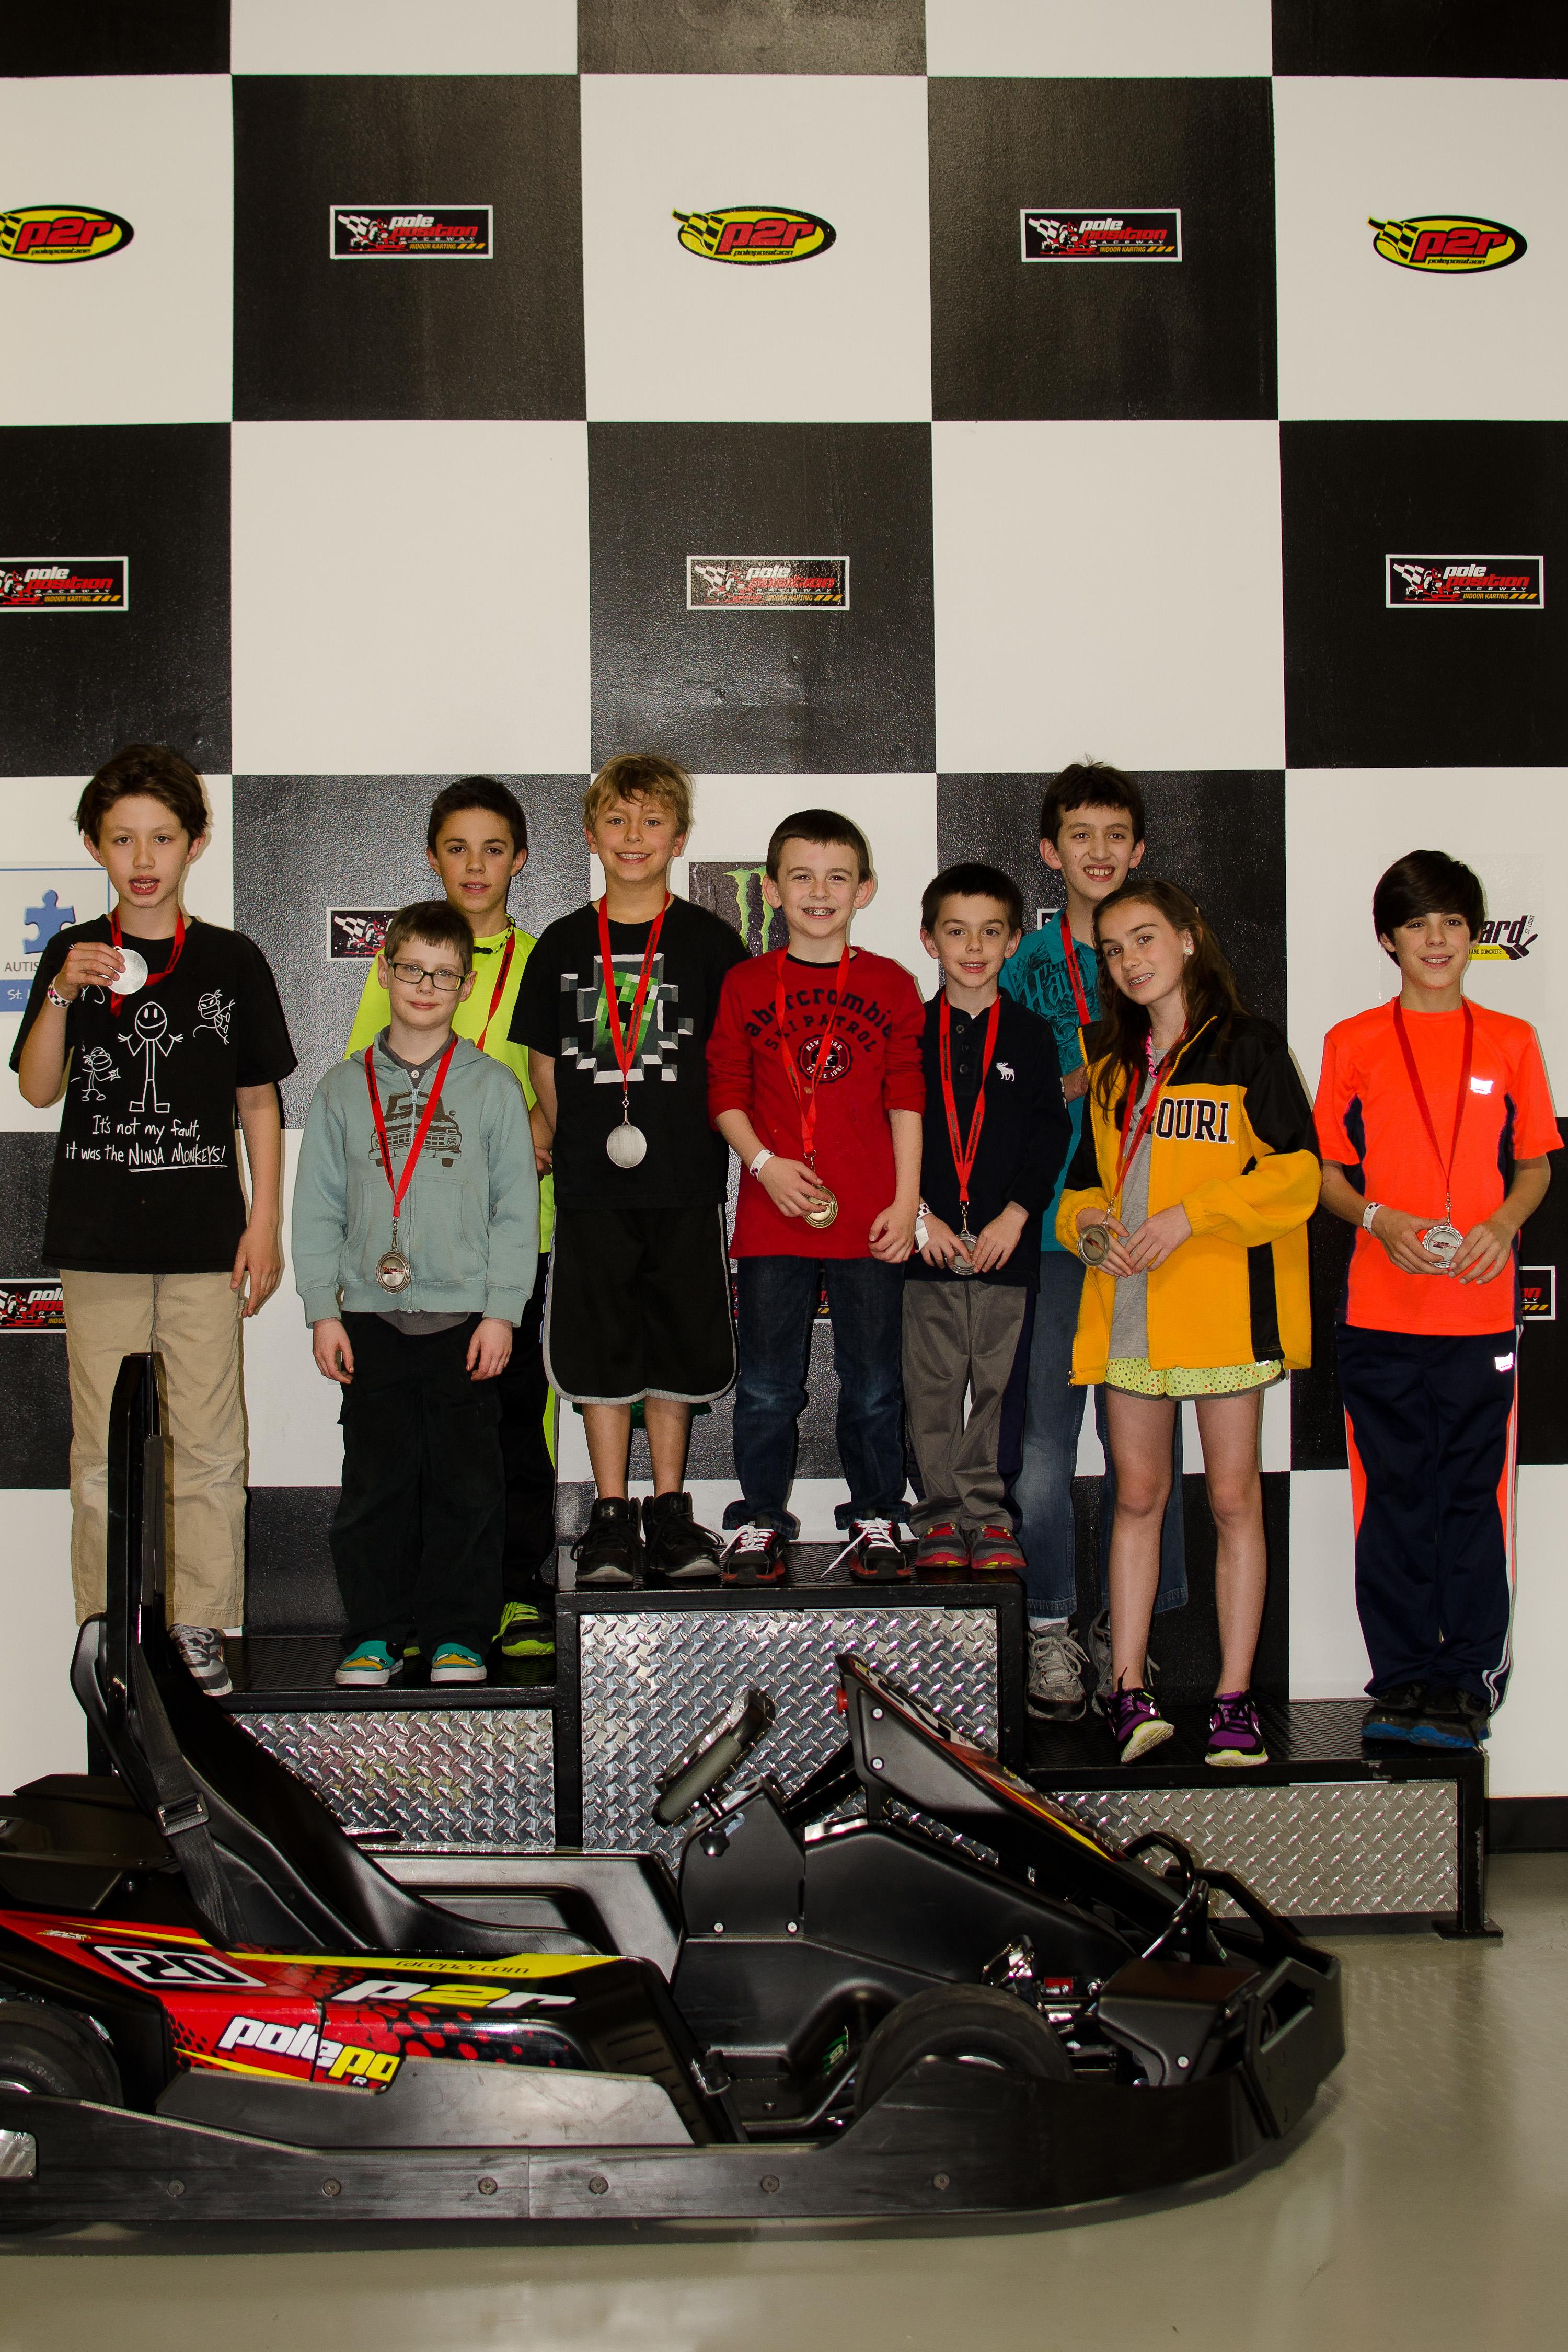 Pole Position Raceway St. Louis image 7